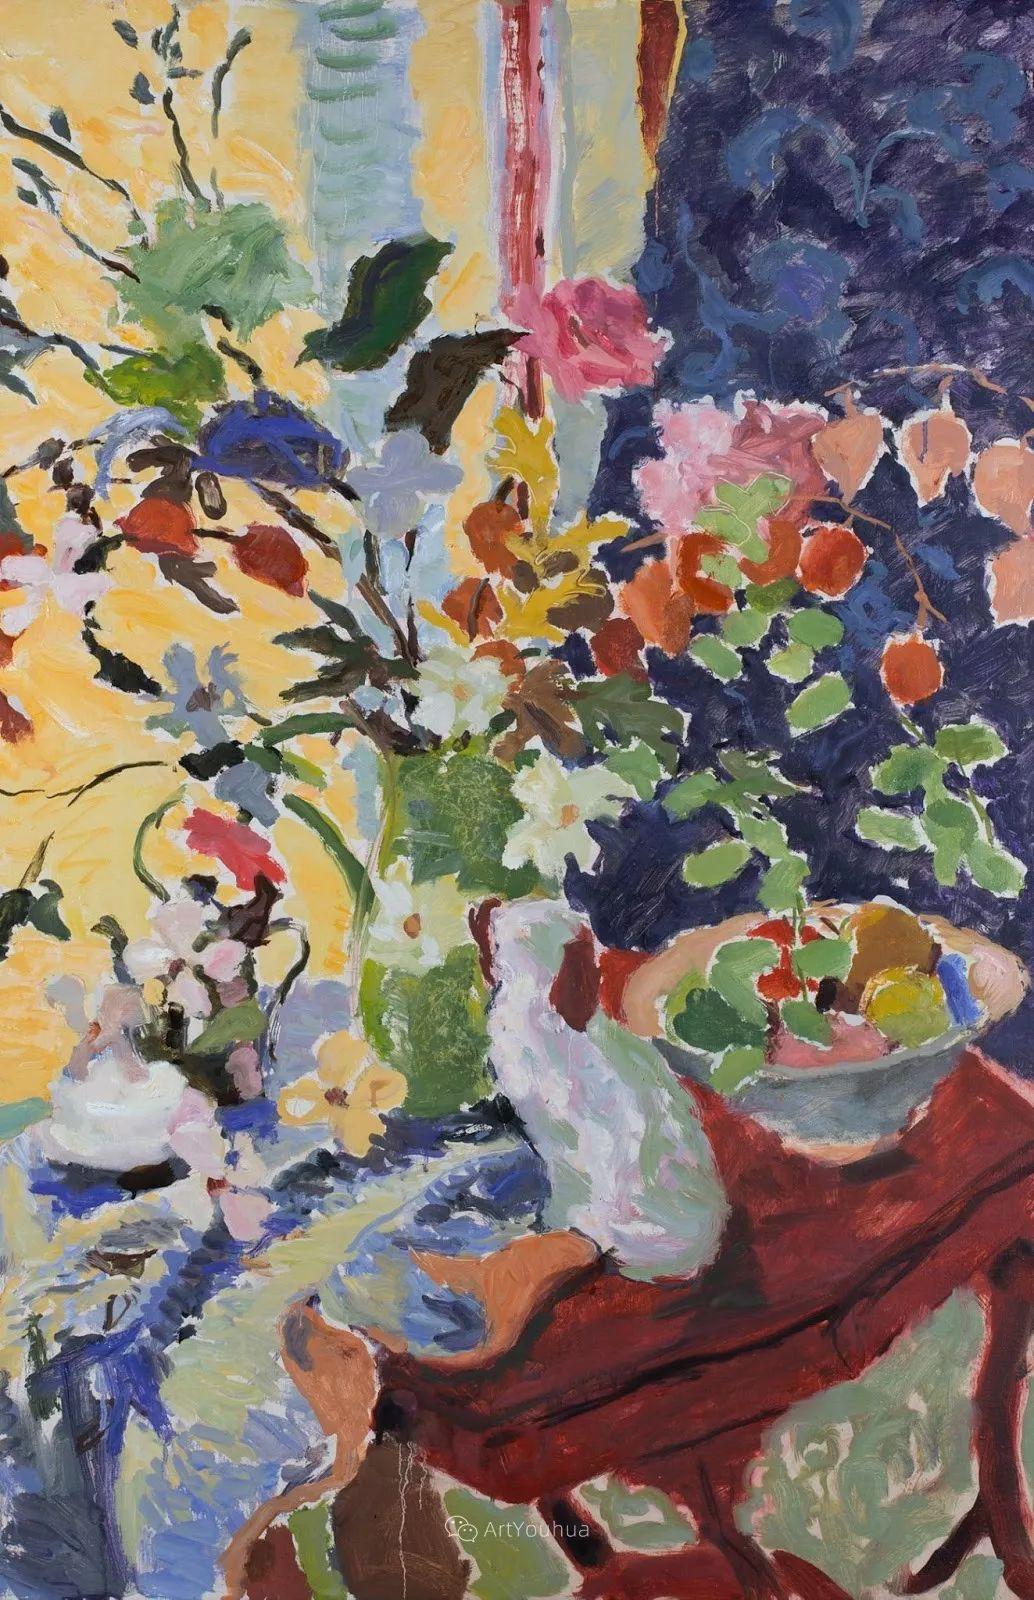 色彩和阳光的交响曲,英国著名浪漫主义画家:雨果·格伦维尔 150幅插图63